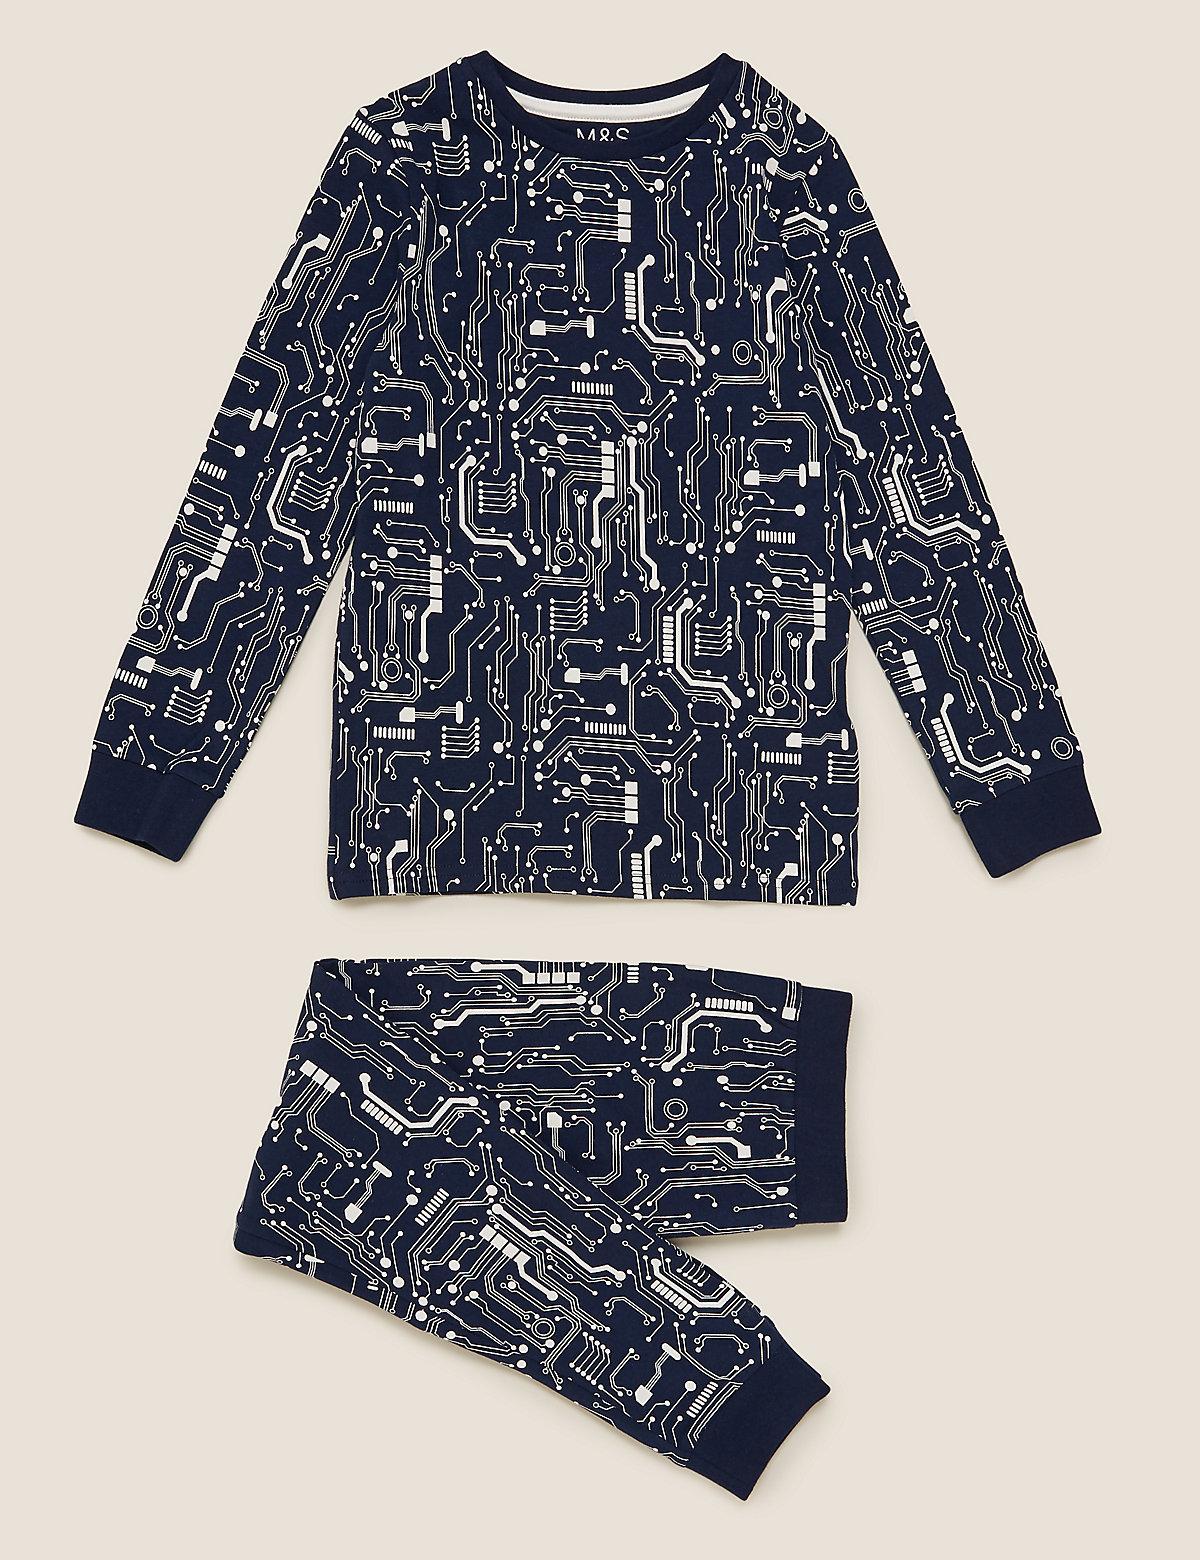 Хлопковая пижама с узором Электрические схемы